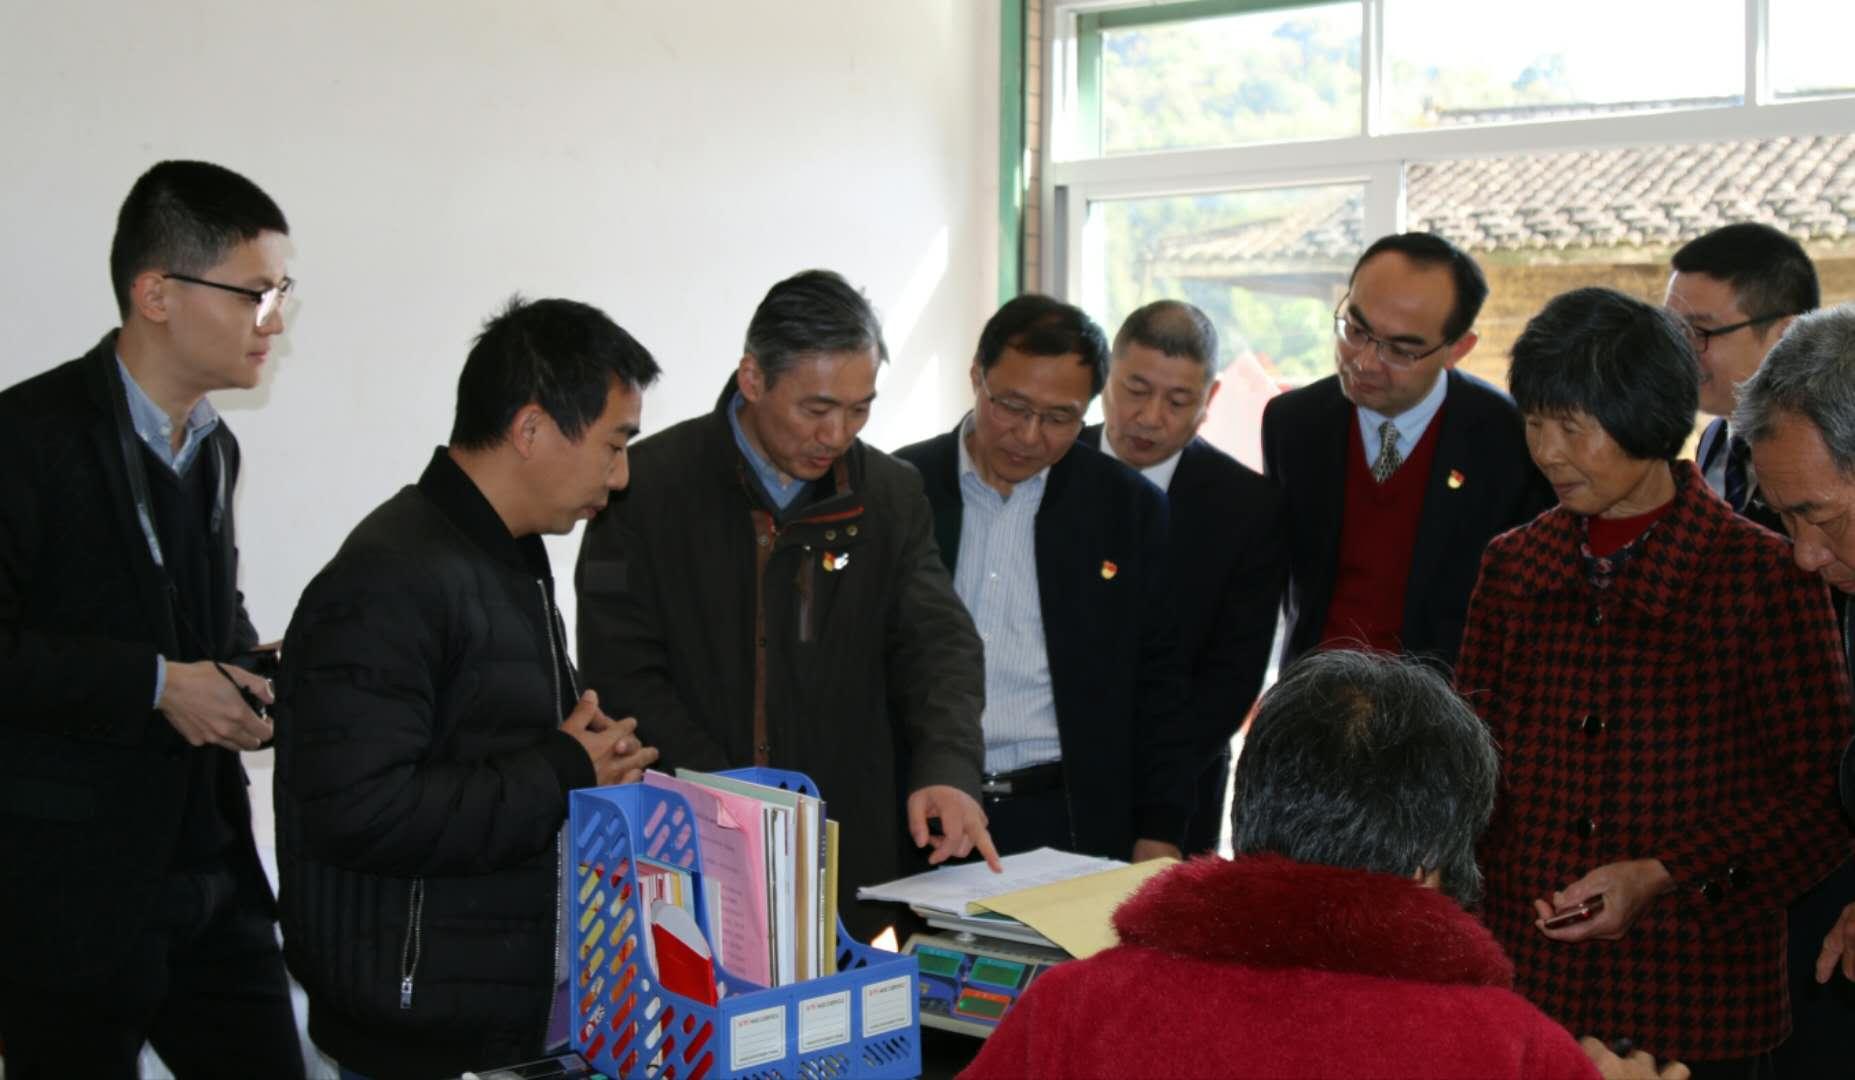 人民银行福州中心支行吕进中副行长赴龙岩农商银行农村普惠金融示范点开展调研